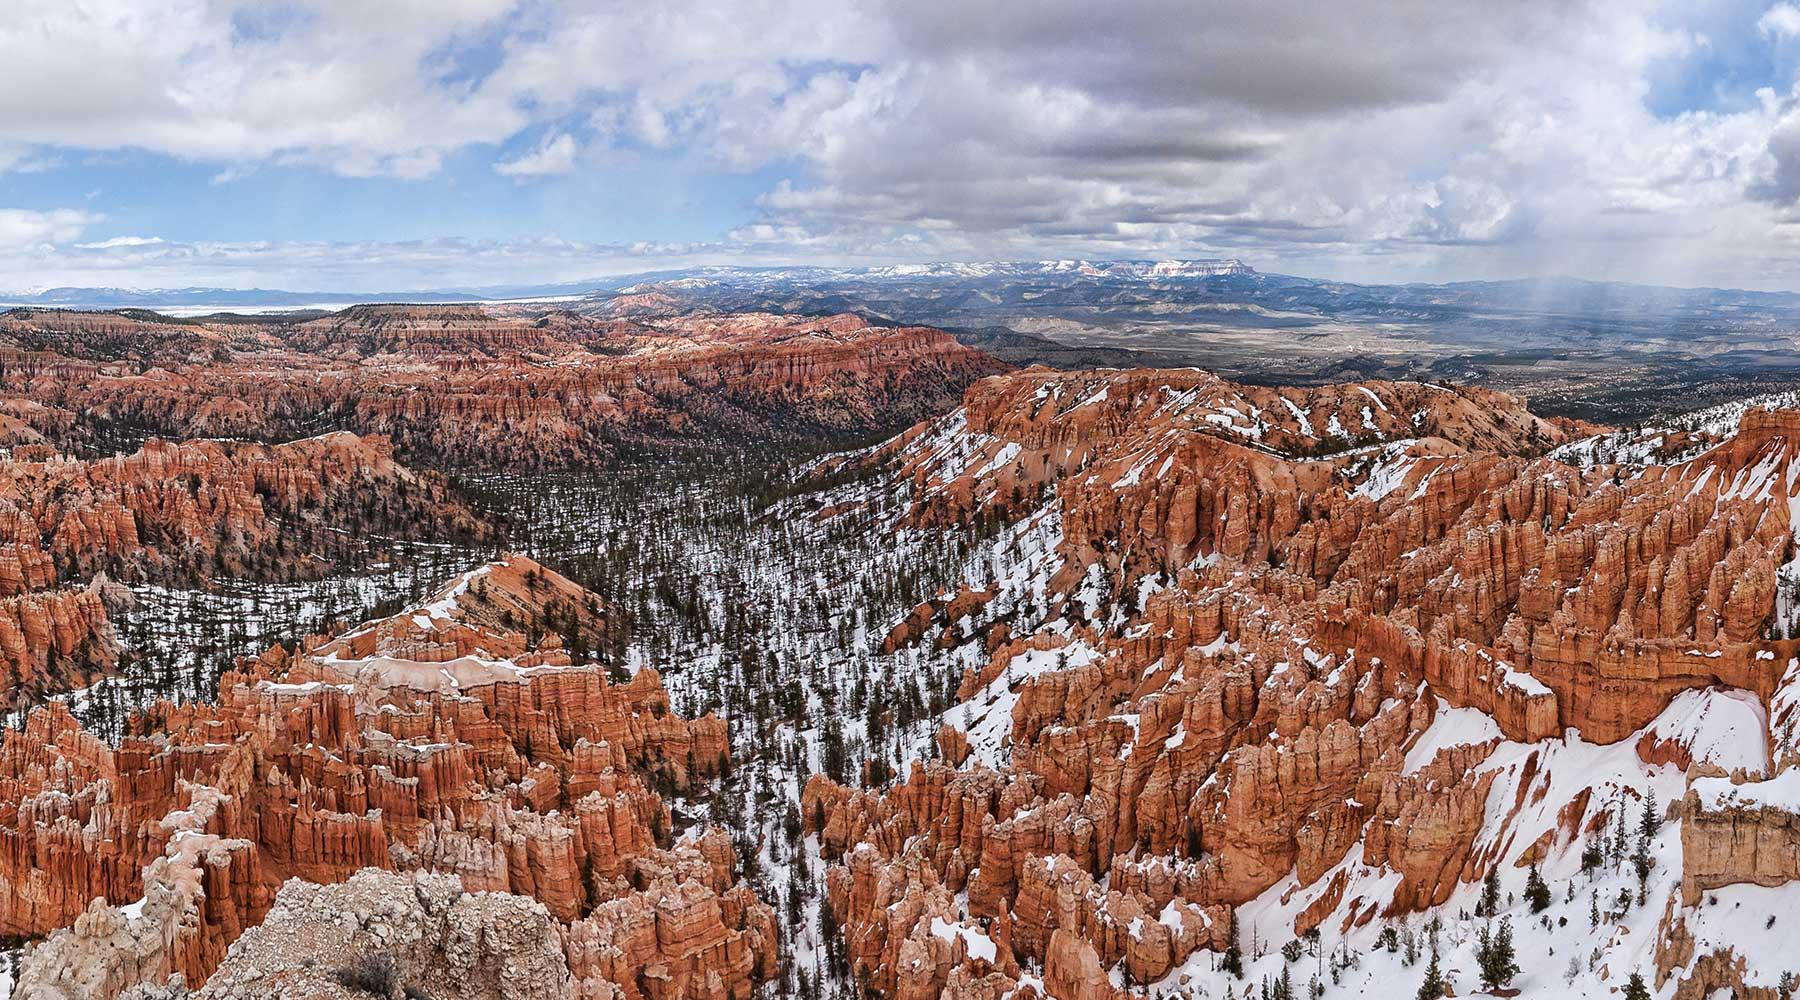 BryceCanyon-Bryce, Grands parcs de l'ouest en hiver, zion, grand canyon, bryce canyon, monument vallée, monument valley, las vegas, chinook voyage, aventure, randonnée